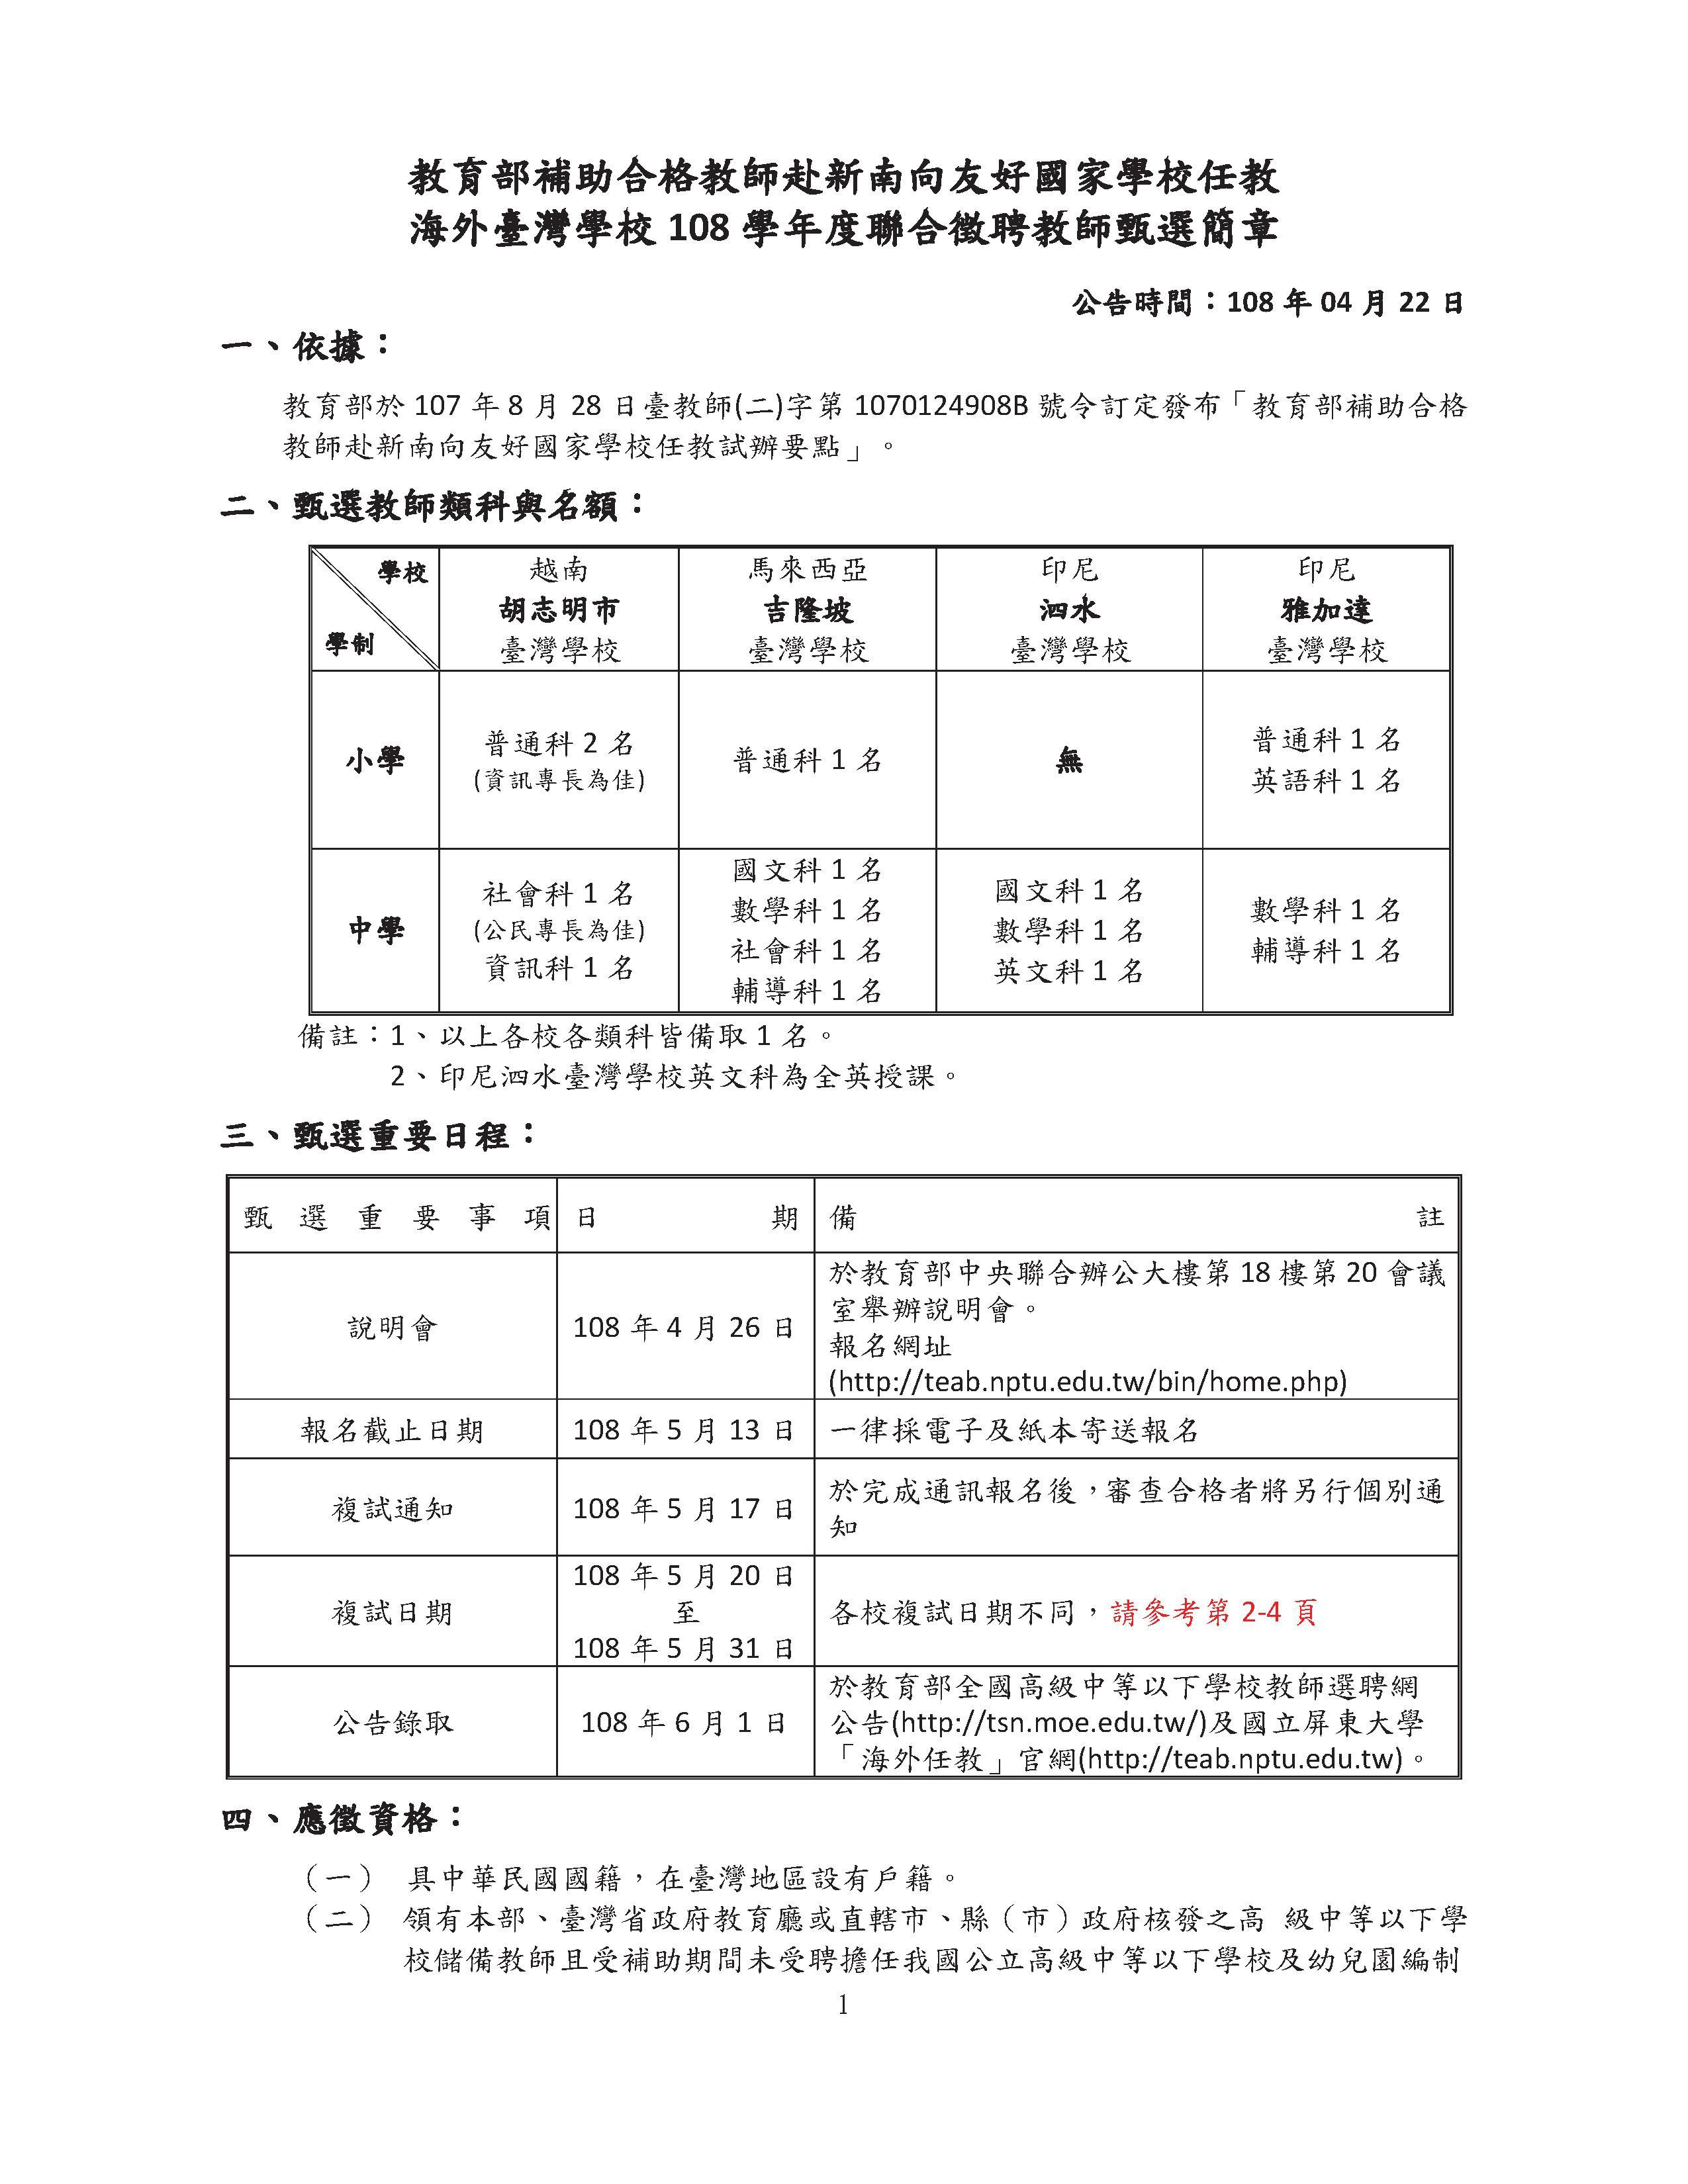 (公告版)108學年徴聘教師甄選簡章(四所臺校聯合招聘).pdf